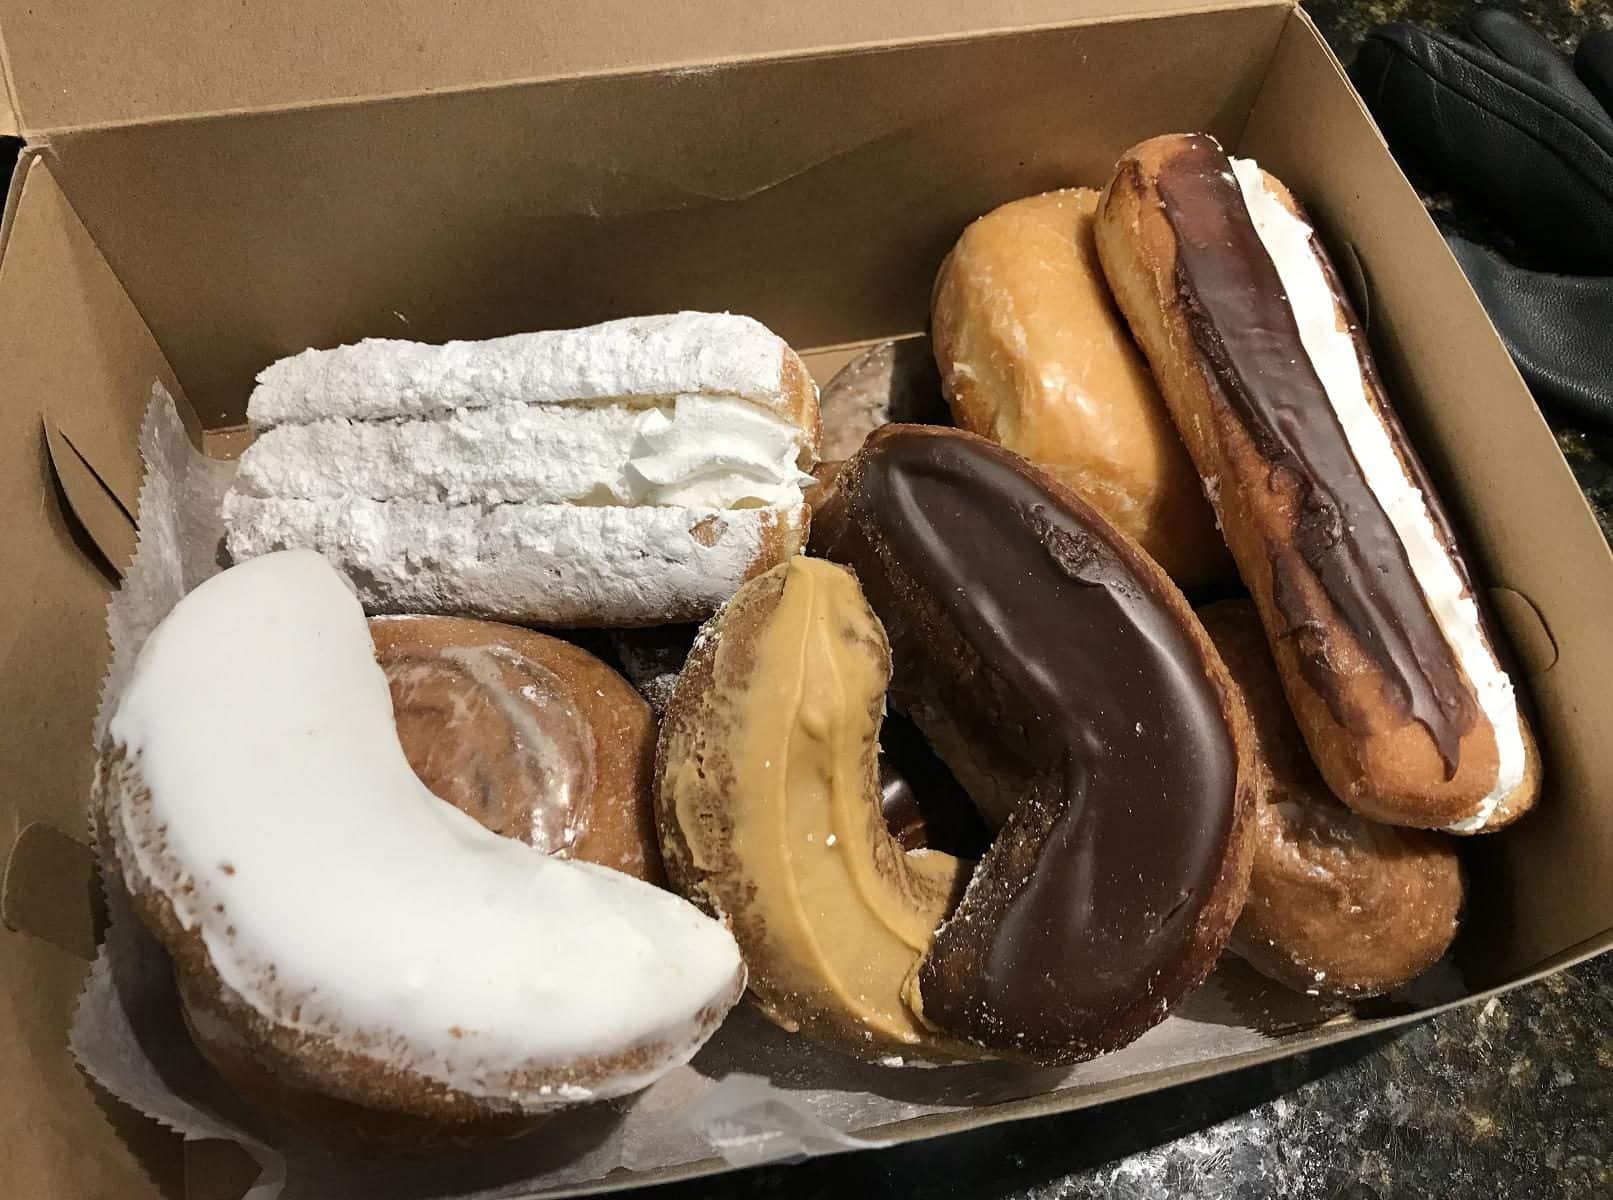 box of donuts and cream boats from Auddino's Italian Bakery